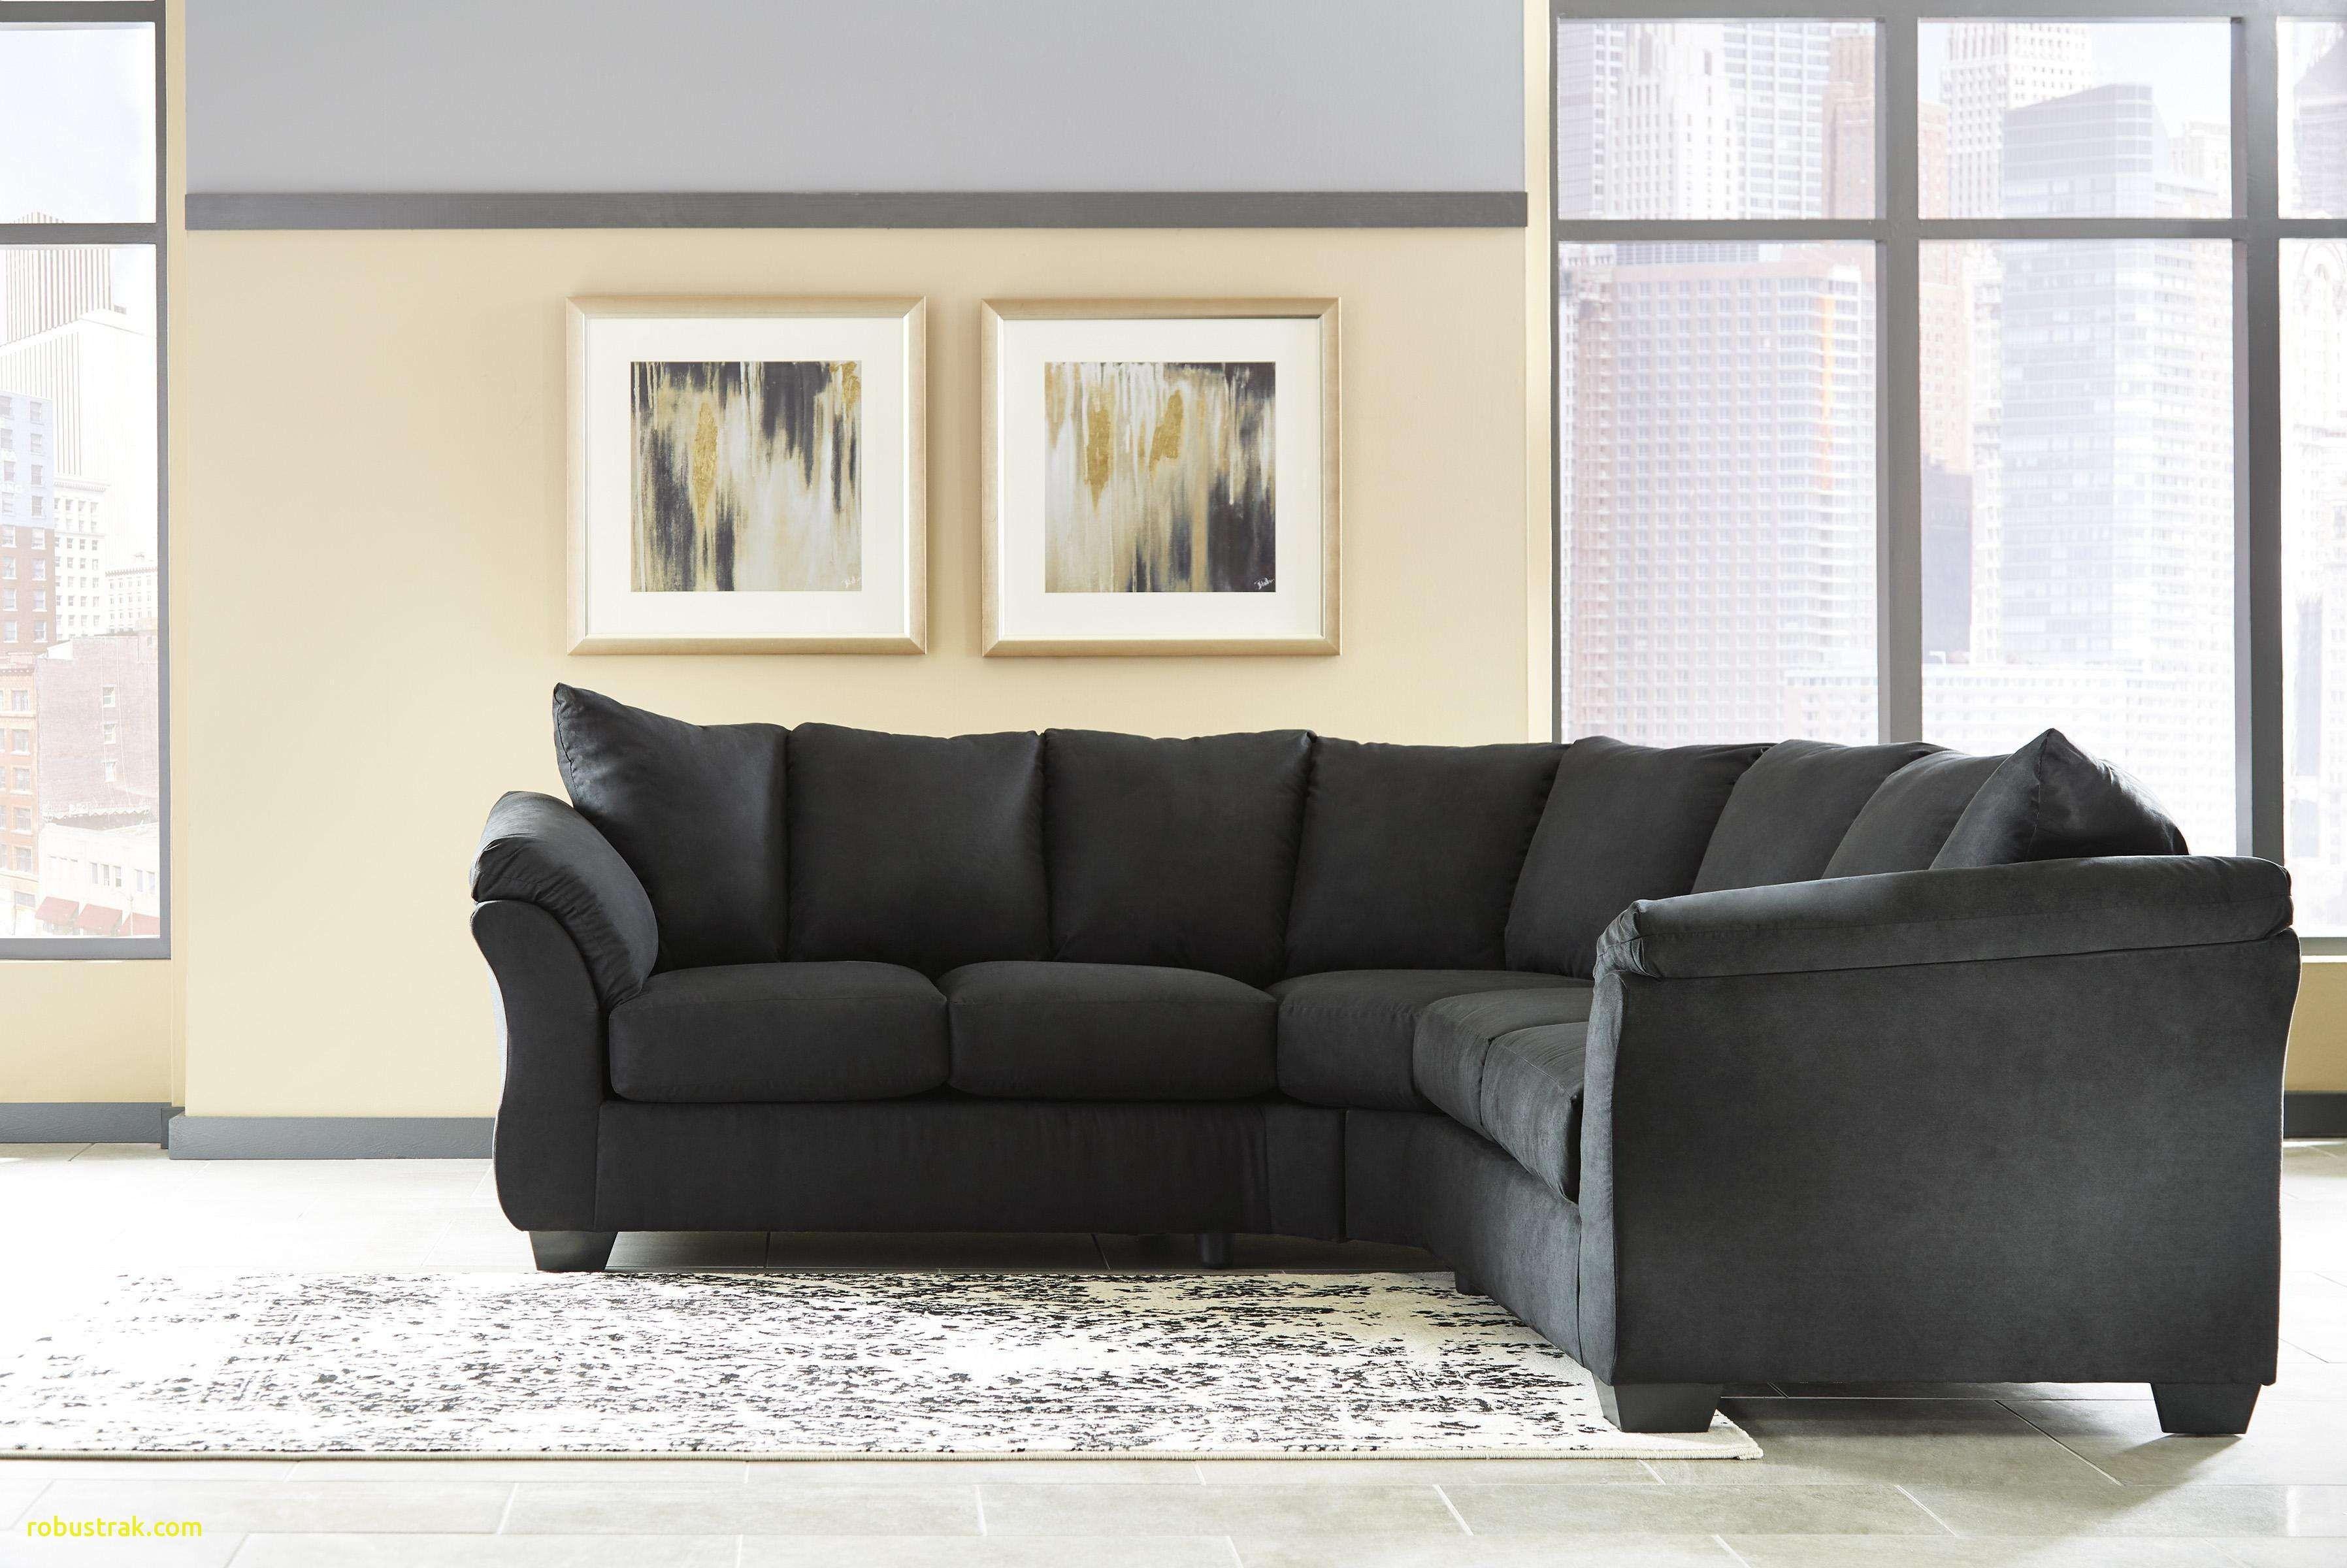 Sofa Designs Fur Kleine Wohnzimmer Nehmen Sie Einen Blick Auf Unsere Ideenbuch Funktion Fur Einige Home Dekor Es Hil Sofa Design Shabby Chic Sofa Mobel Sofa